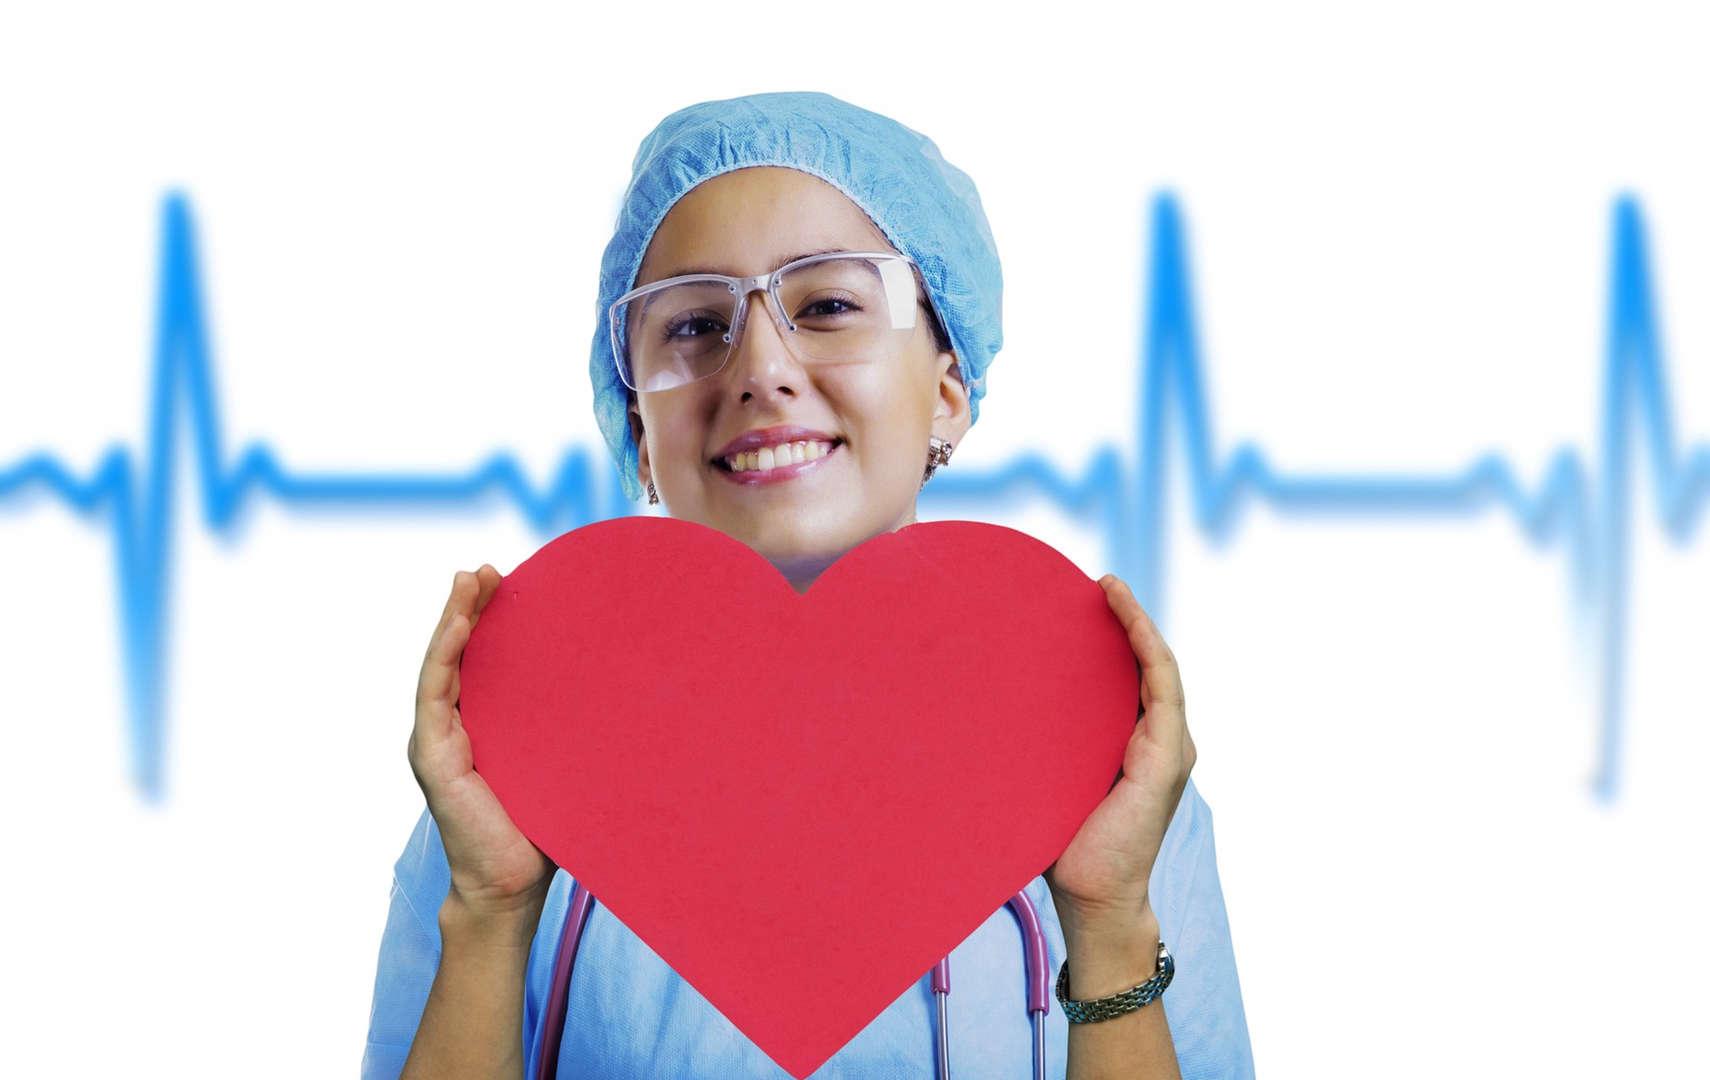 nurse holding up a heart shape